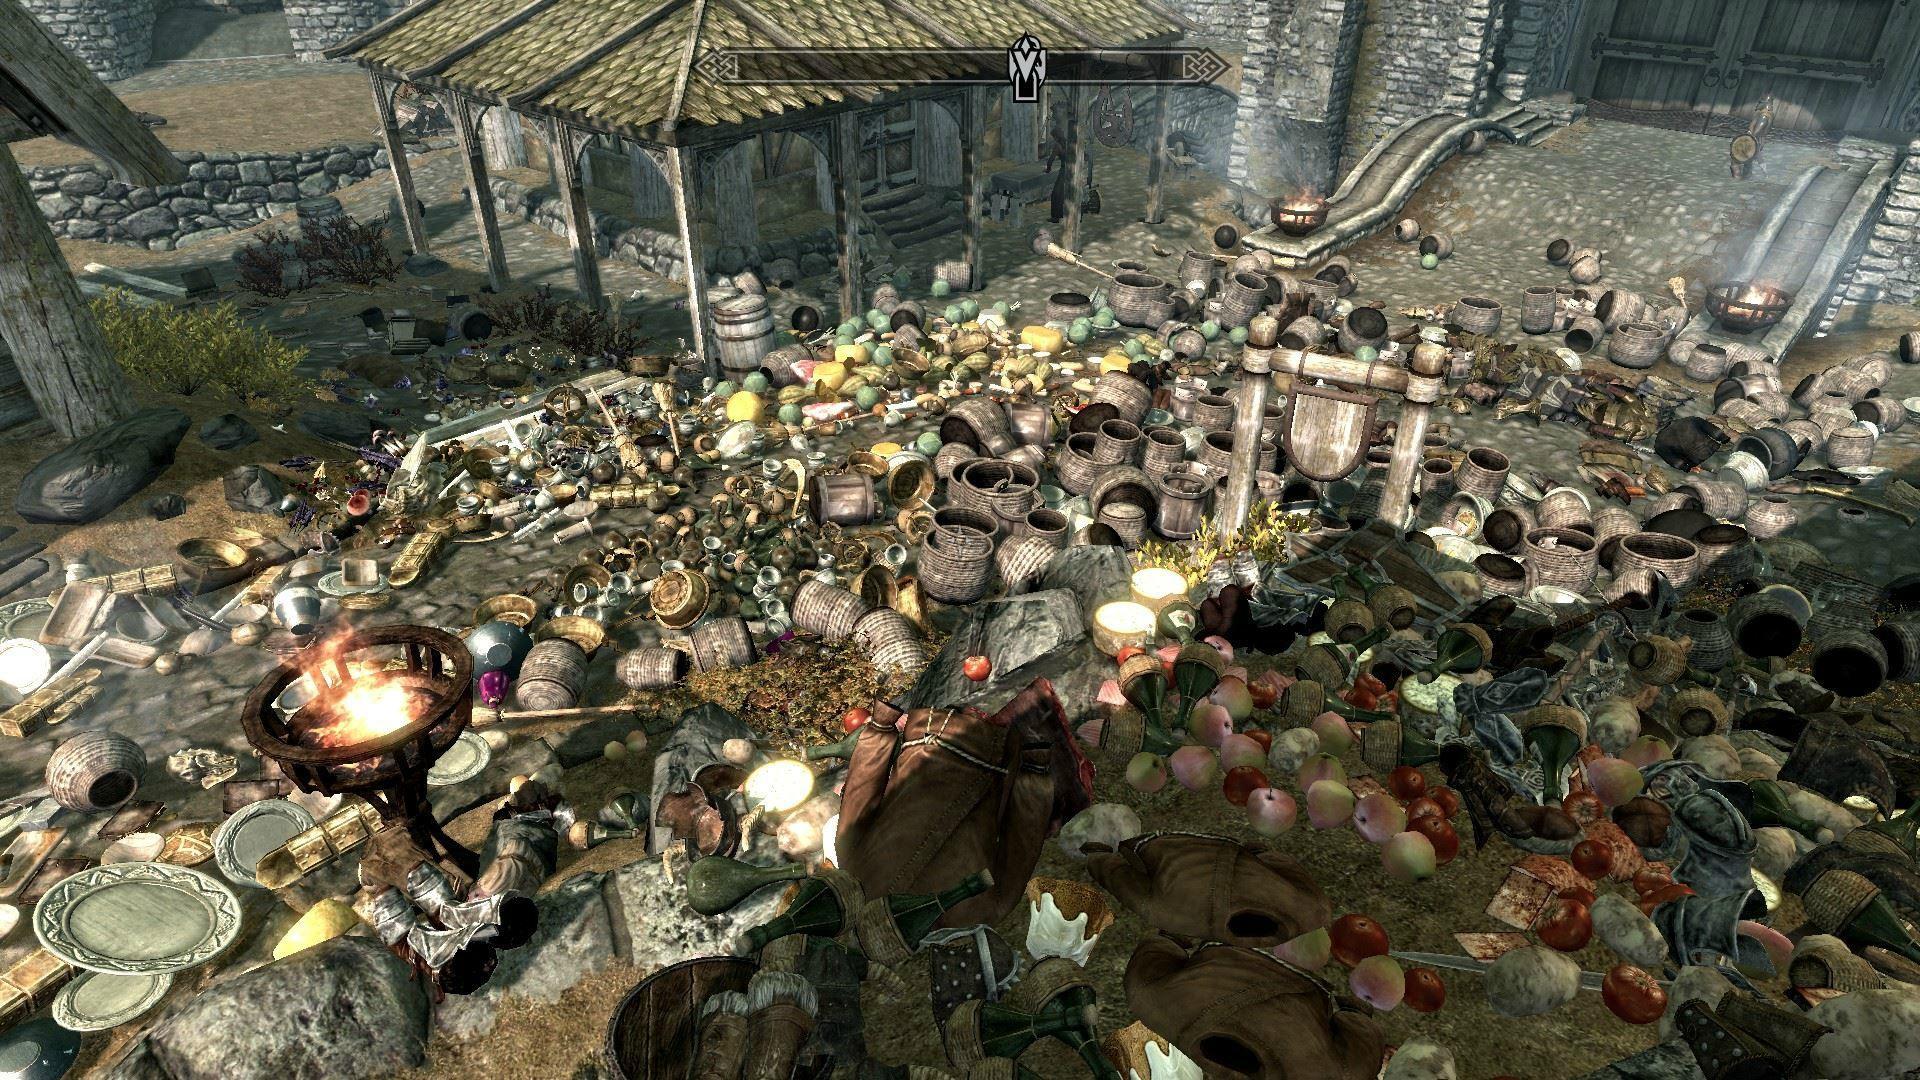 Huge Pile of Junk